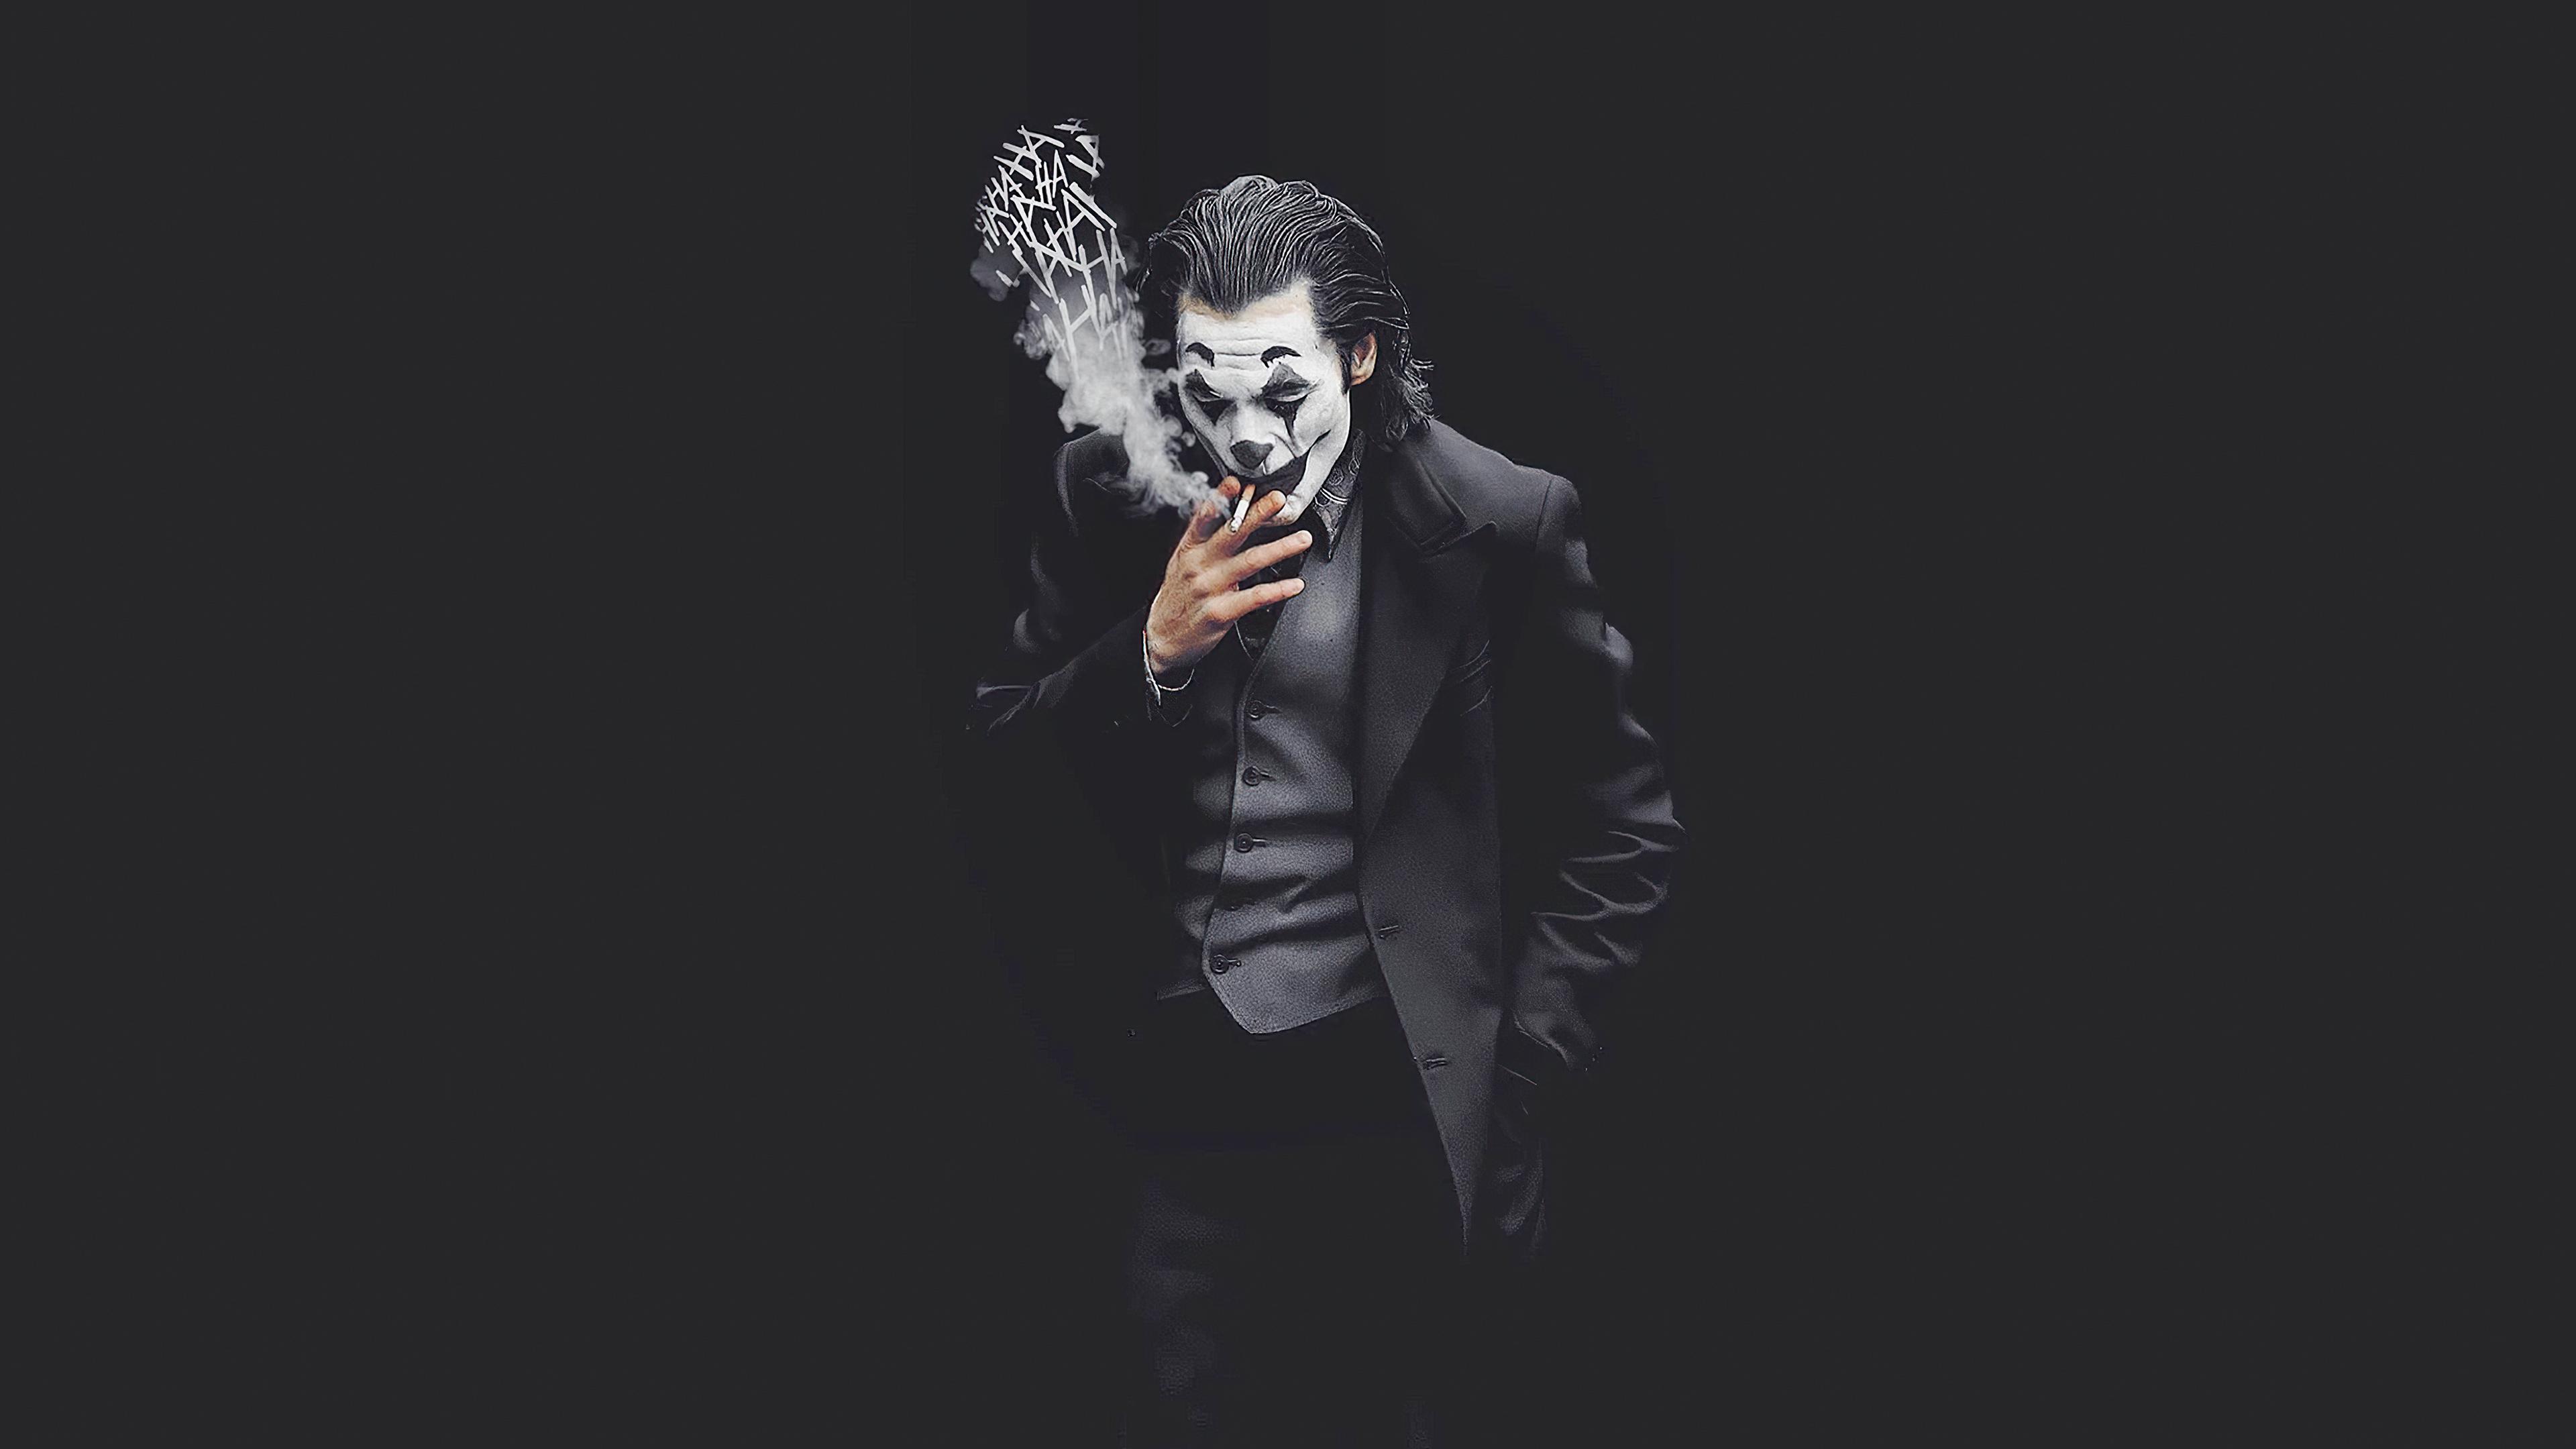 joker smoking monochrome 1576085445 - Joker Smoking Monochrome - Joker Smoking wallpaper hd 4k